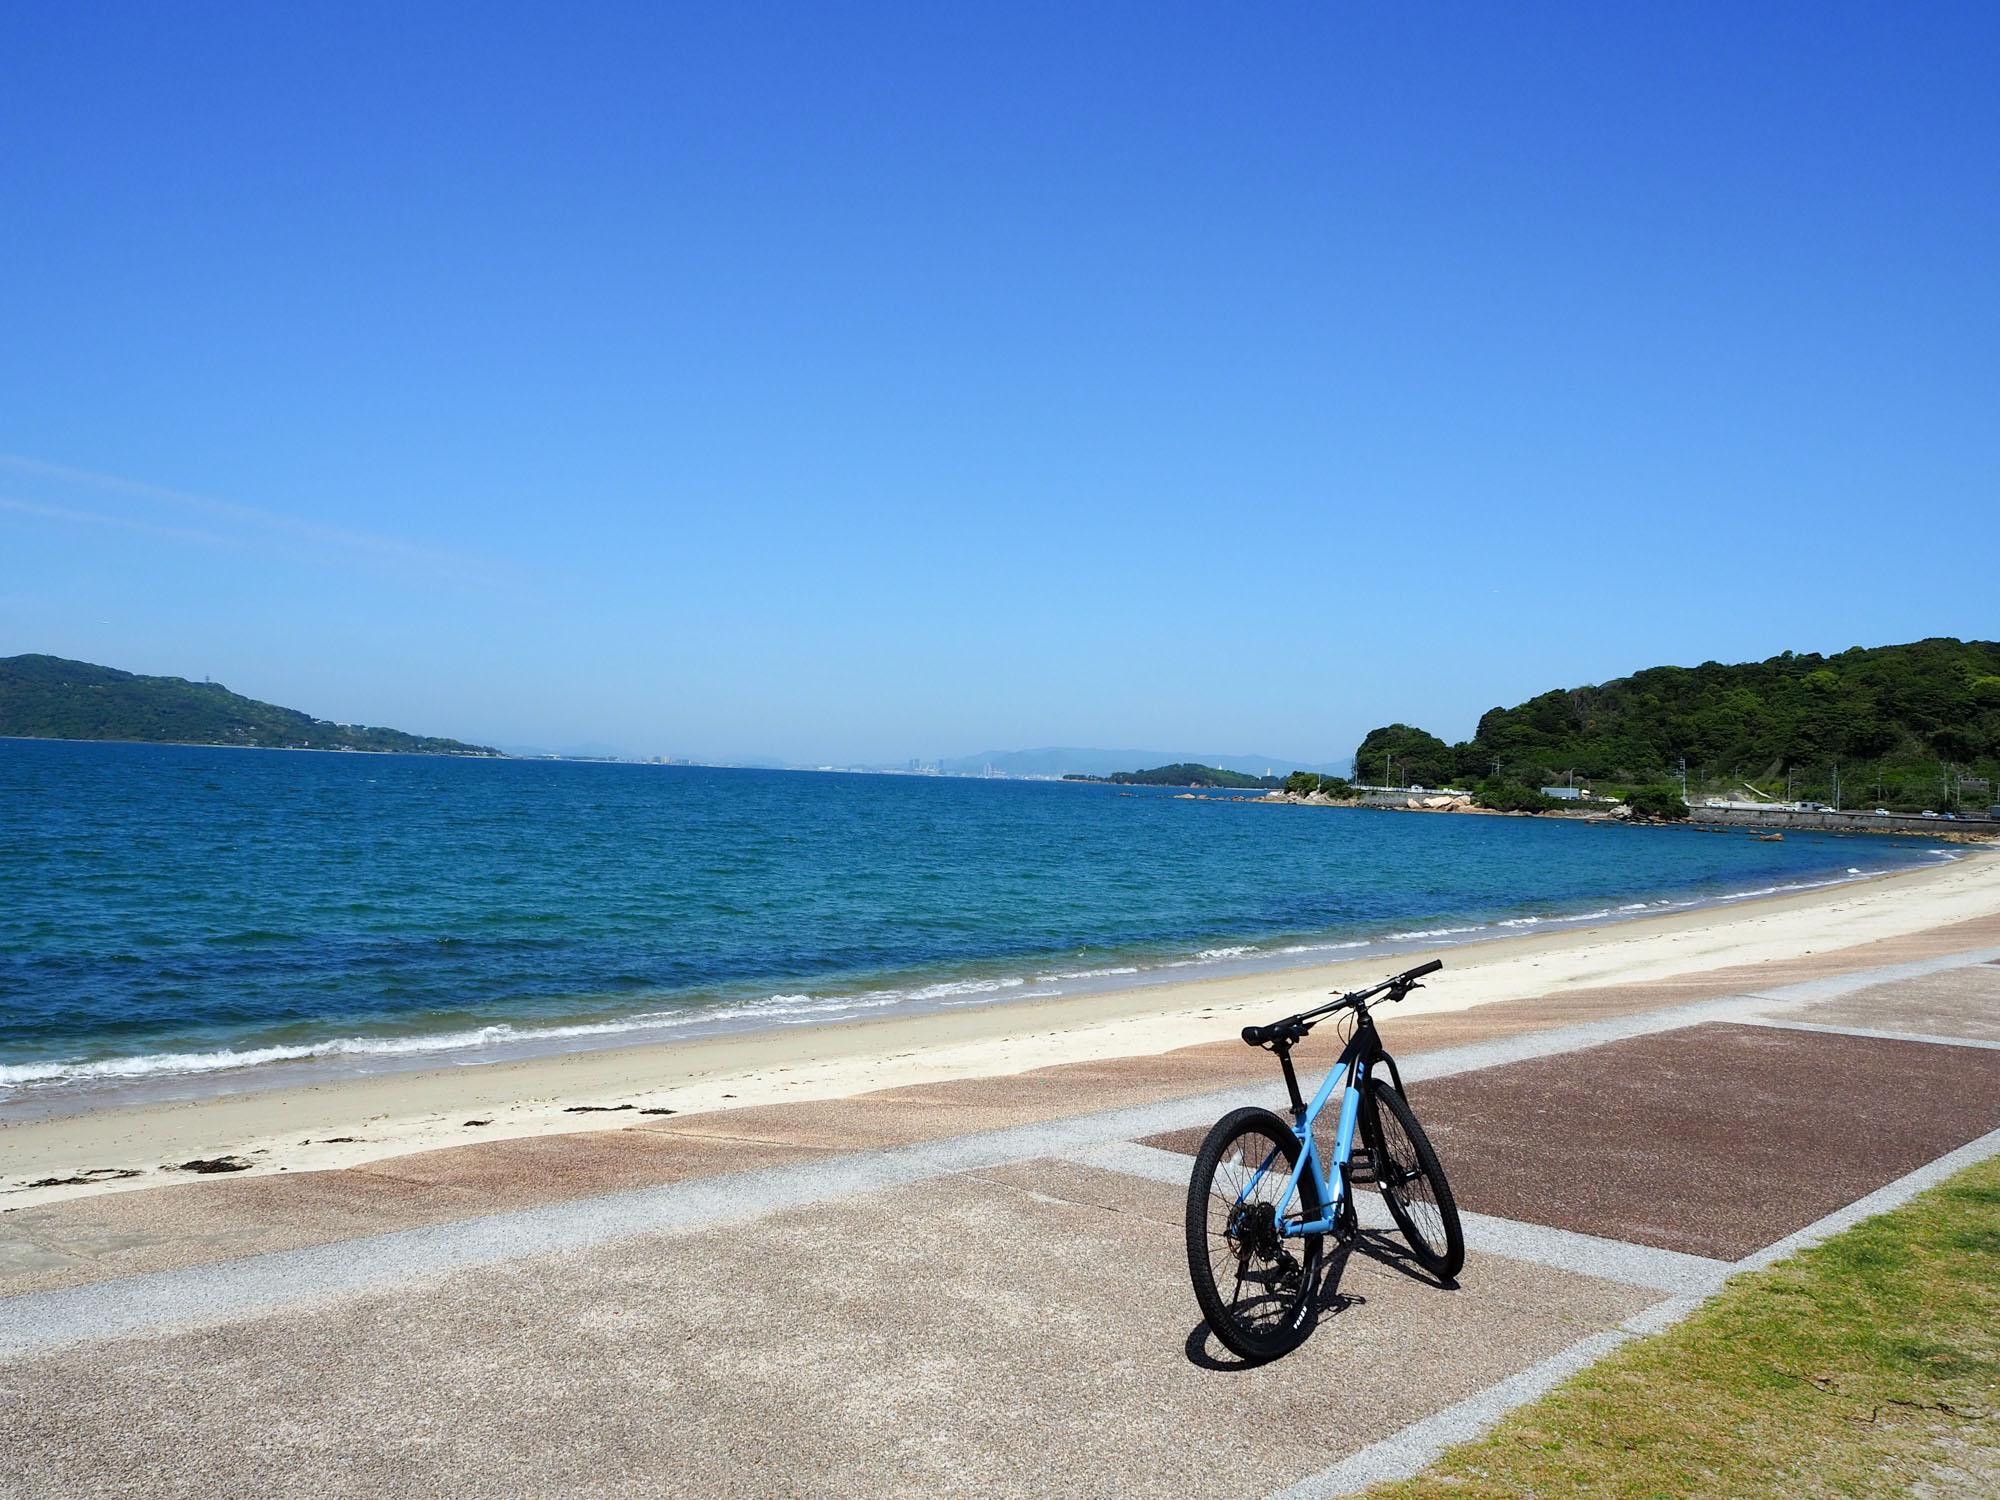 長垂海浜公園:海の向こう側には福岡市の東部「海ノ中道」が見えます。